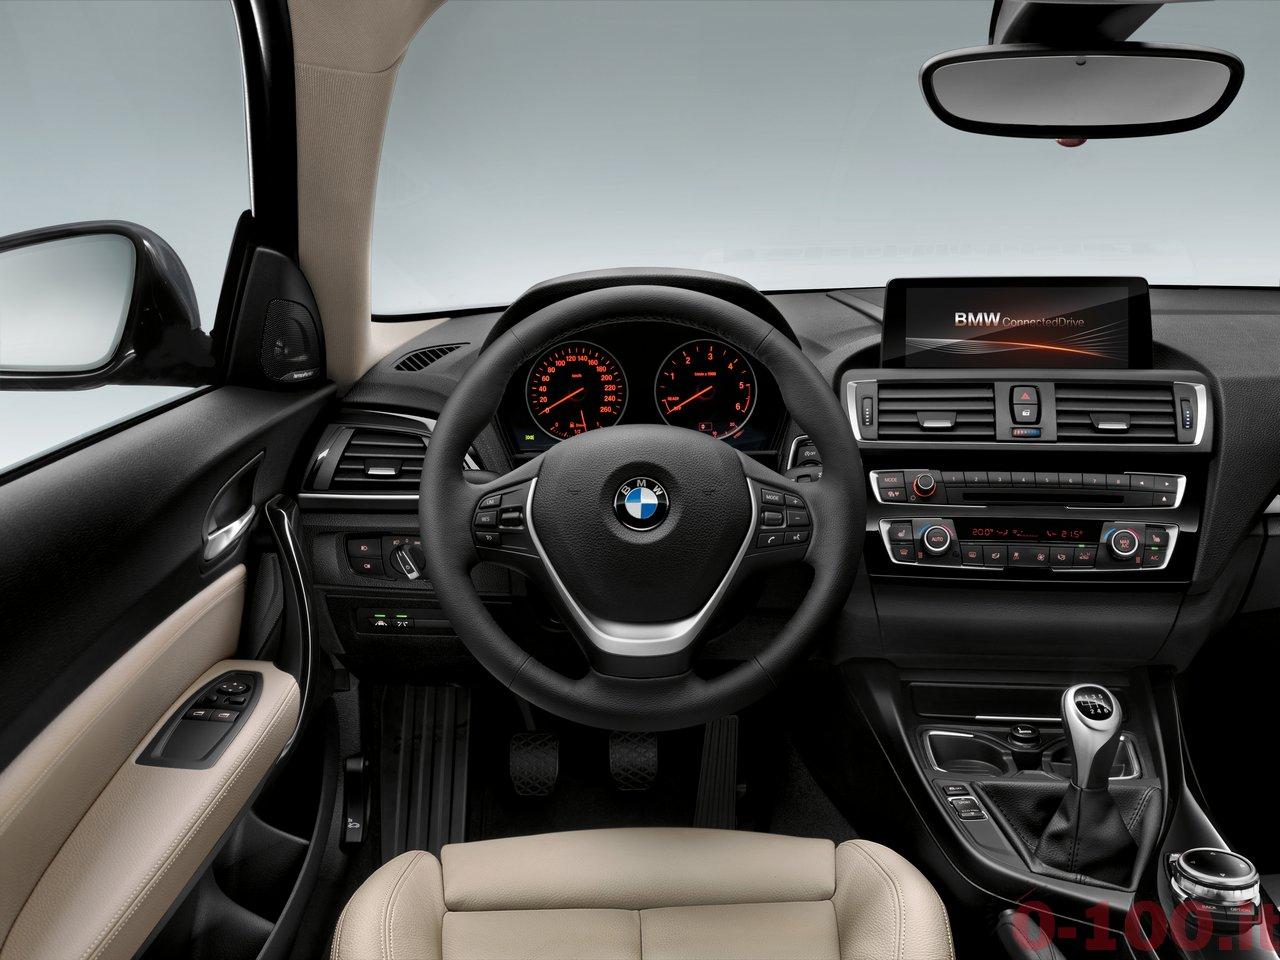 BMW-serie-1-2015_116d-118d-120d-125d-116i-118i-120i-125i-135i-0-100_56